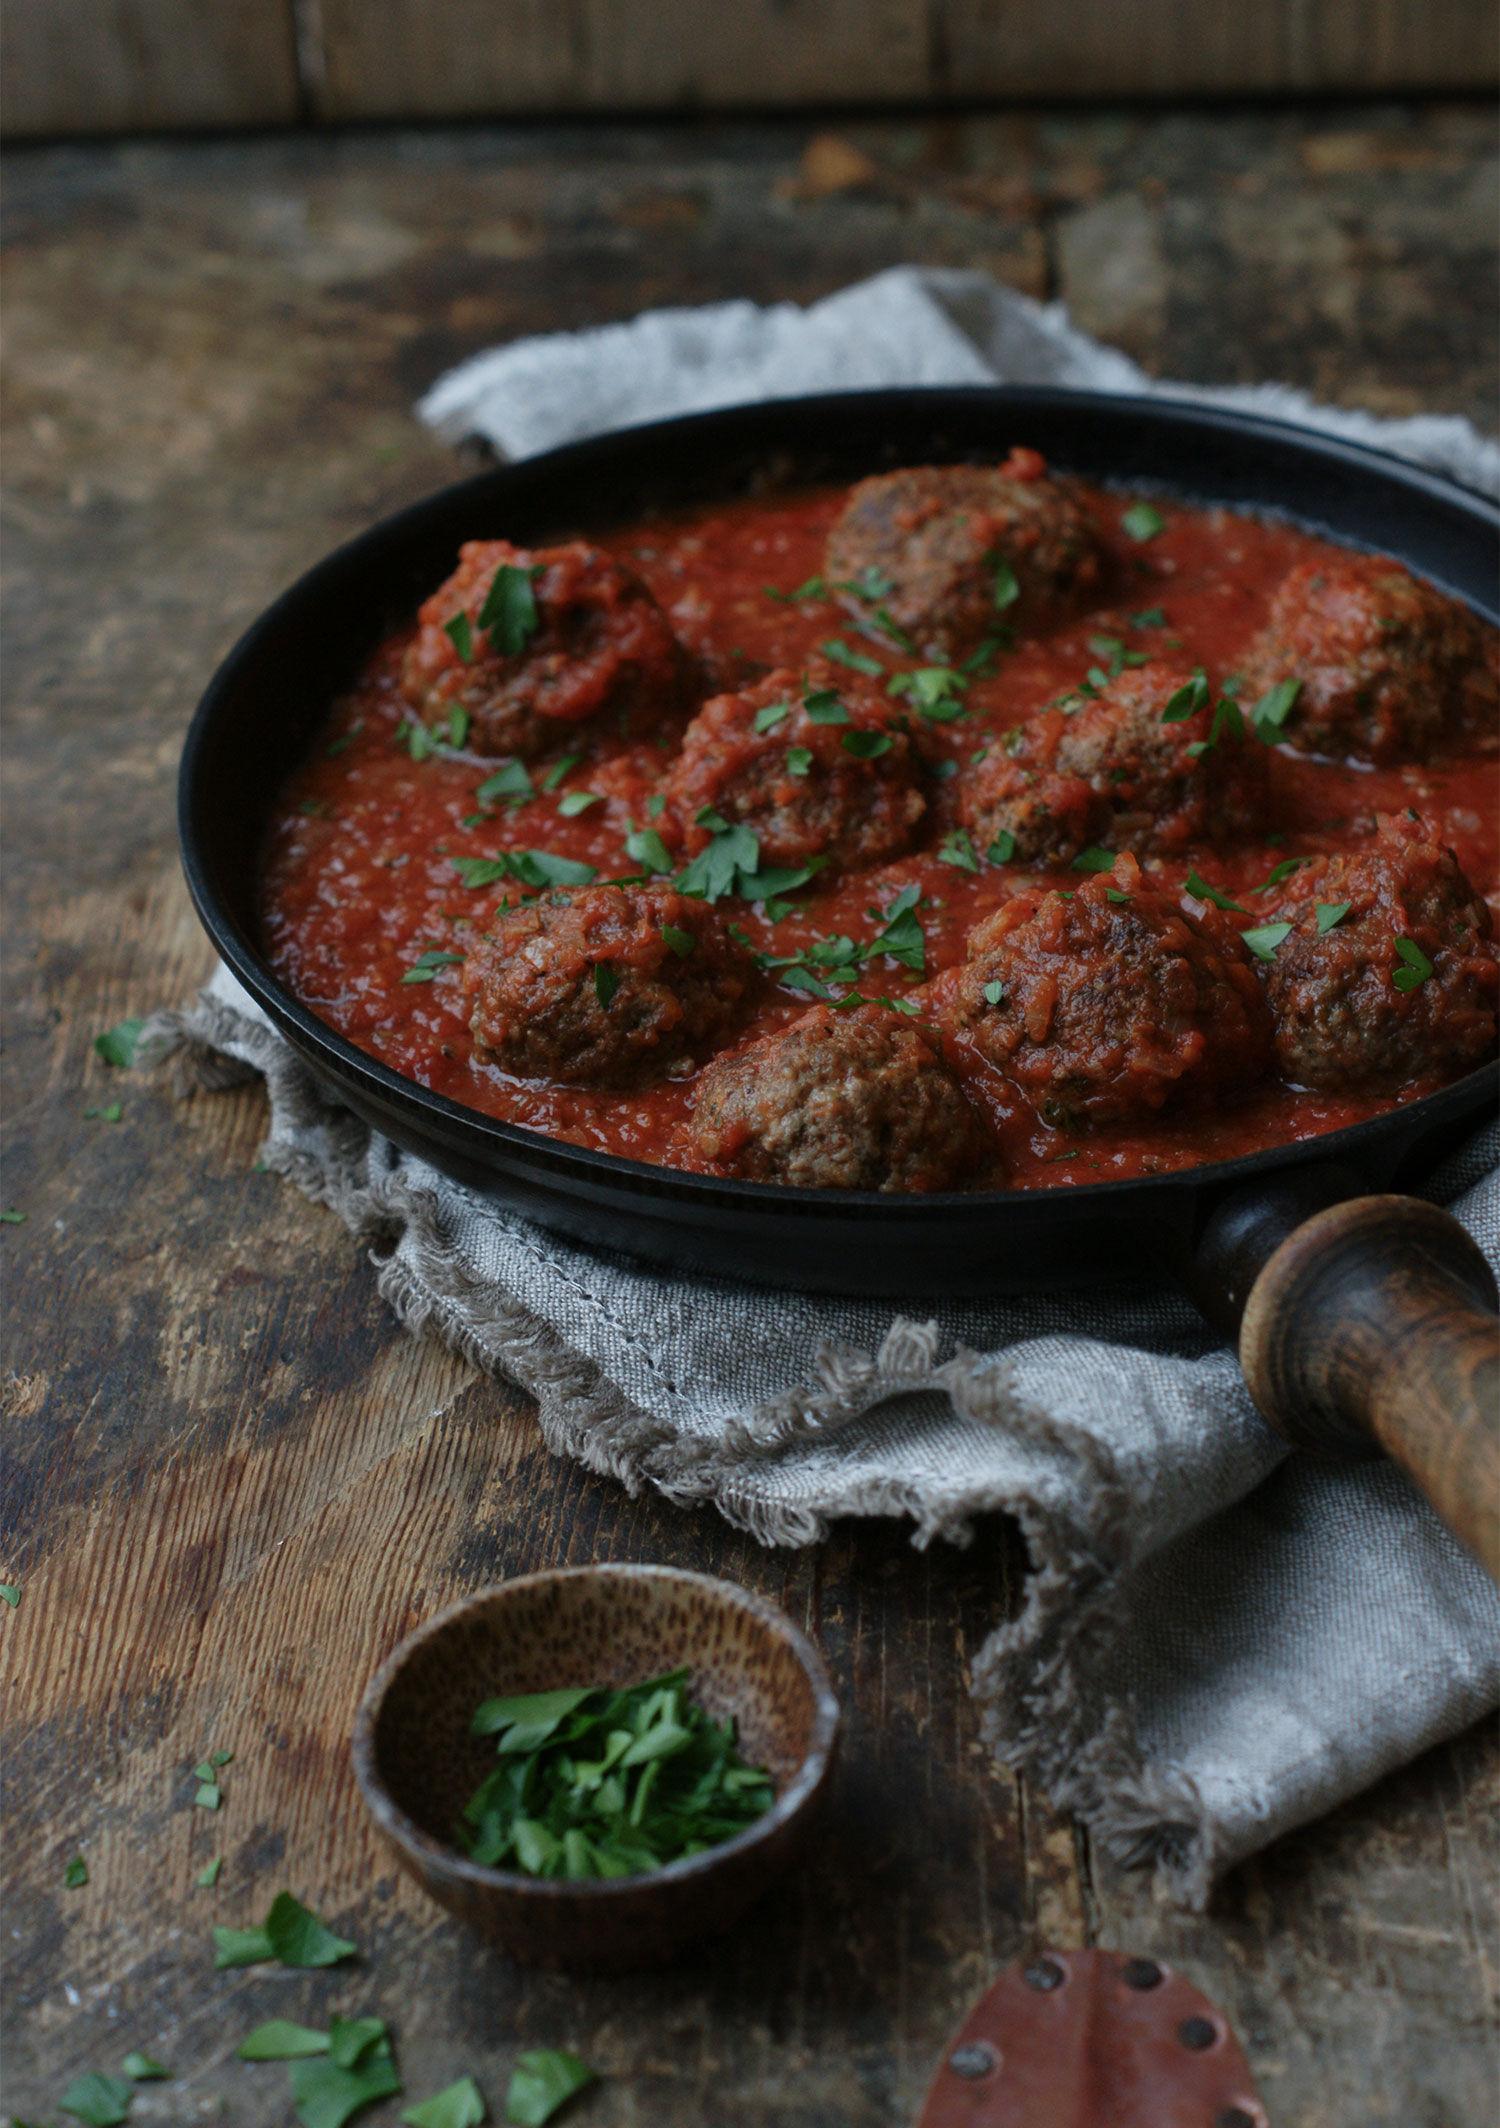 italienska köttbullar i tomatsås i gjutjärnspanna